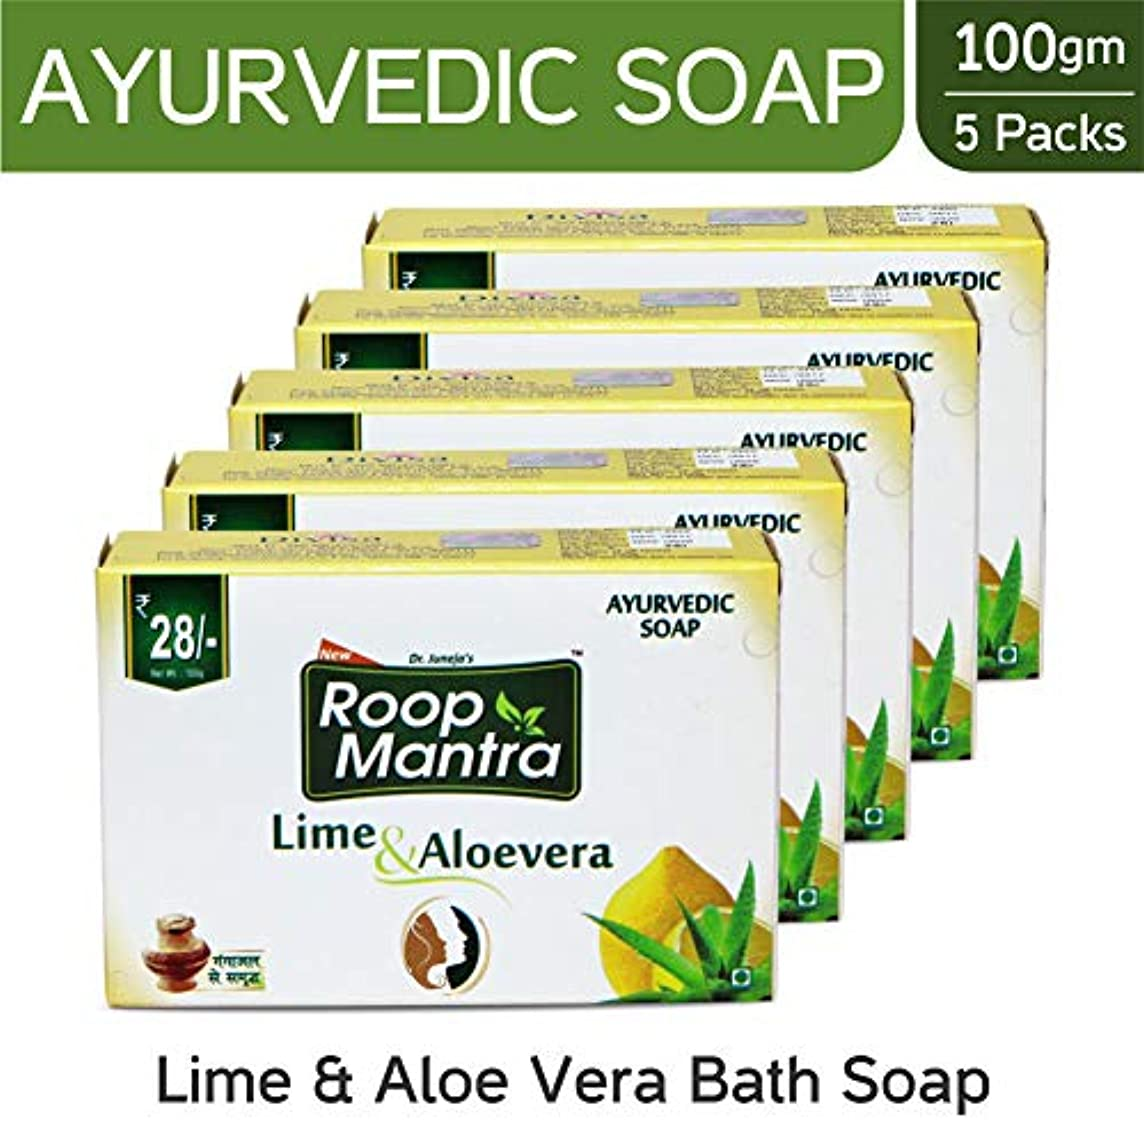 スキップチャップ汗Roop Mantra Ayurvedic Bath Soap, Lime and Aloevera, 100g (Pack of 5)